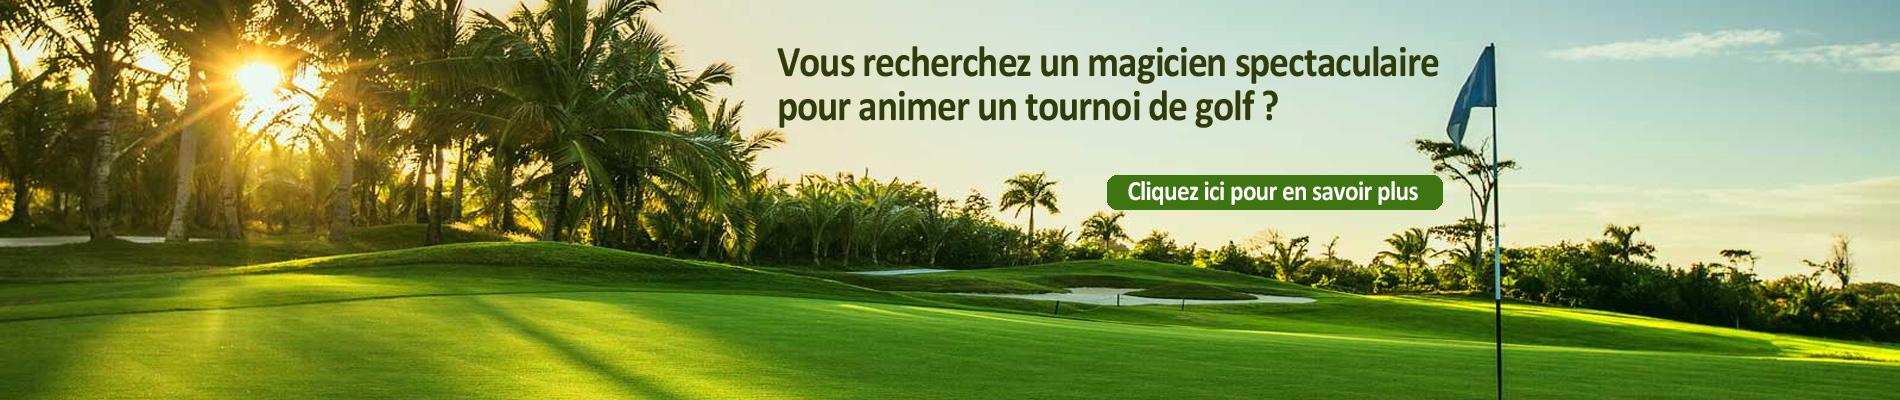 golf_robert_new1